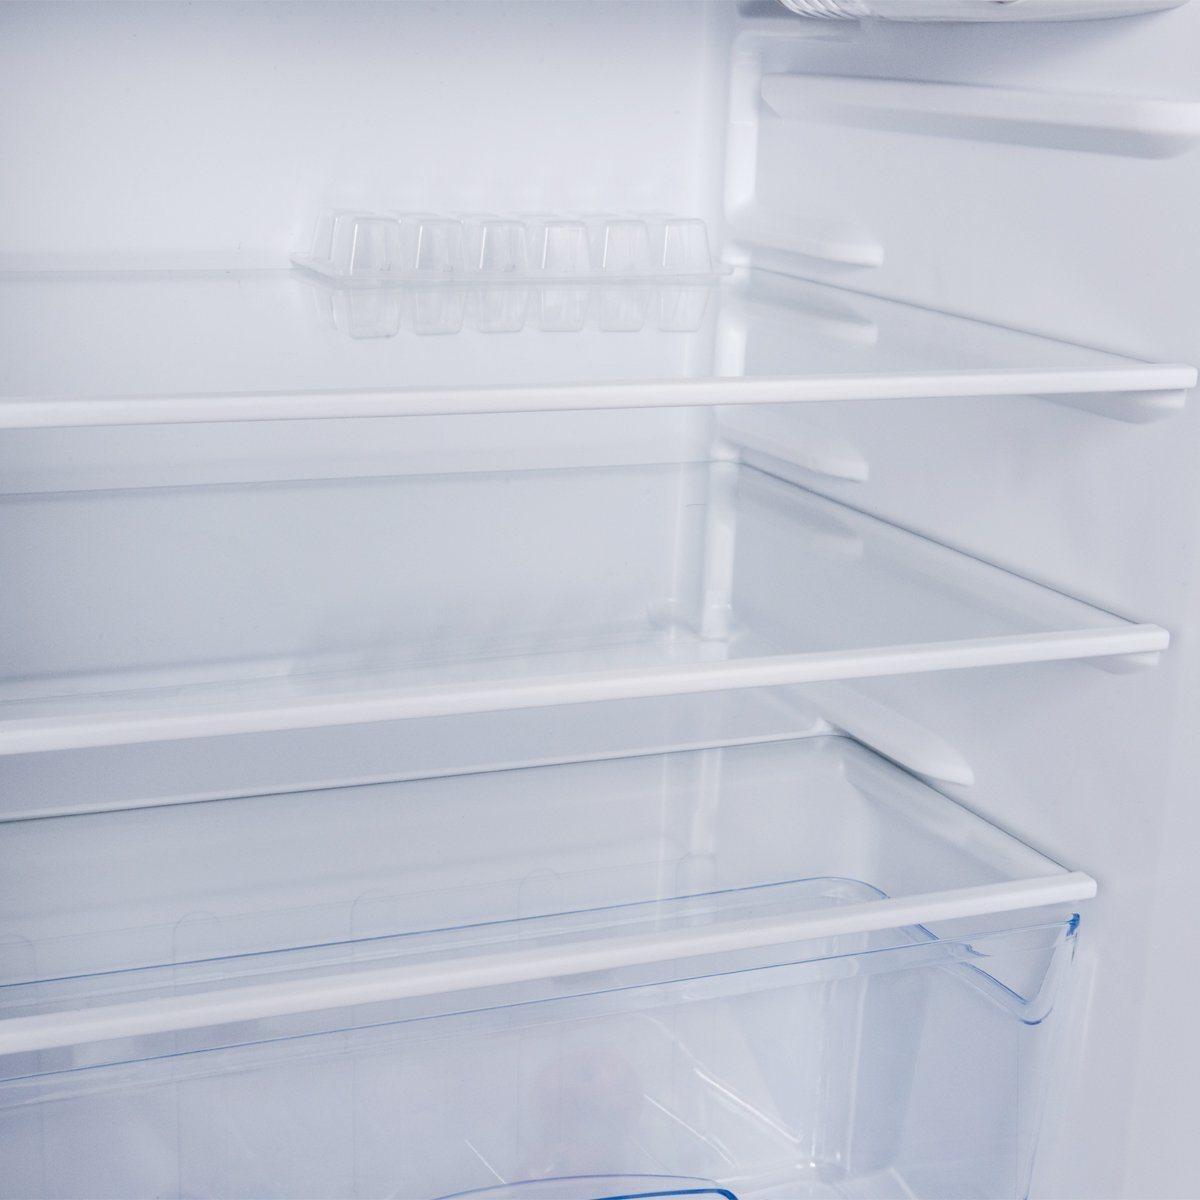 Einteilung von Fächer und Boxen im Einbaukühlschrank mit Gefrierfach